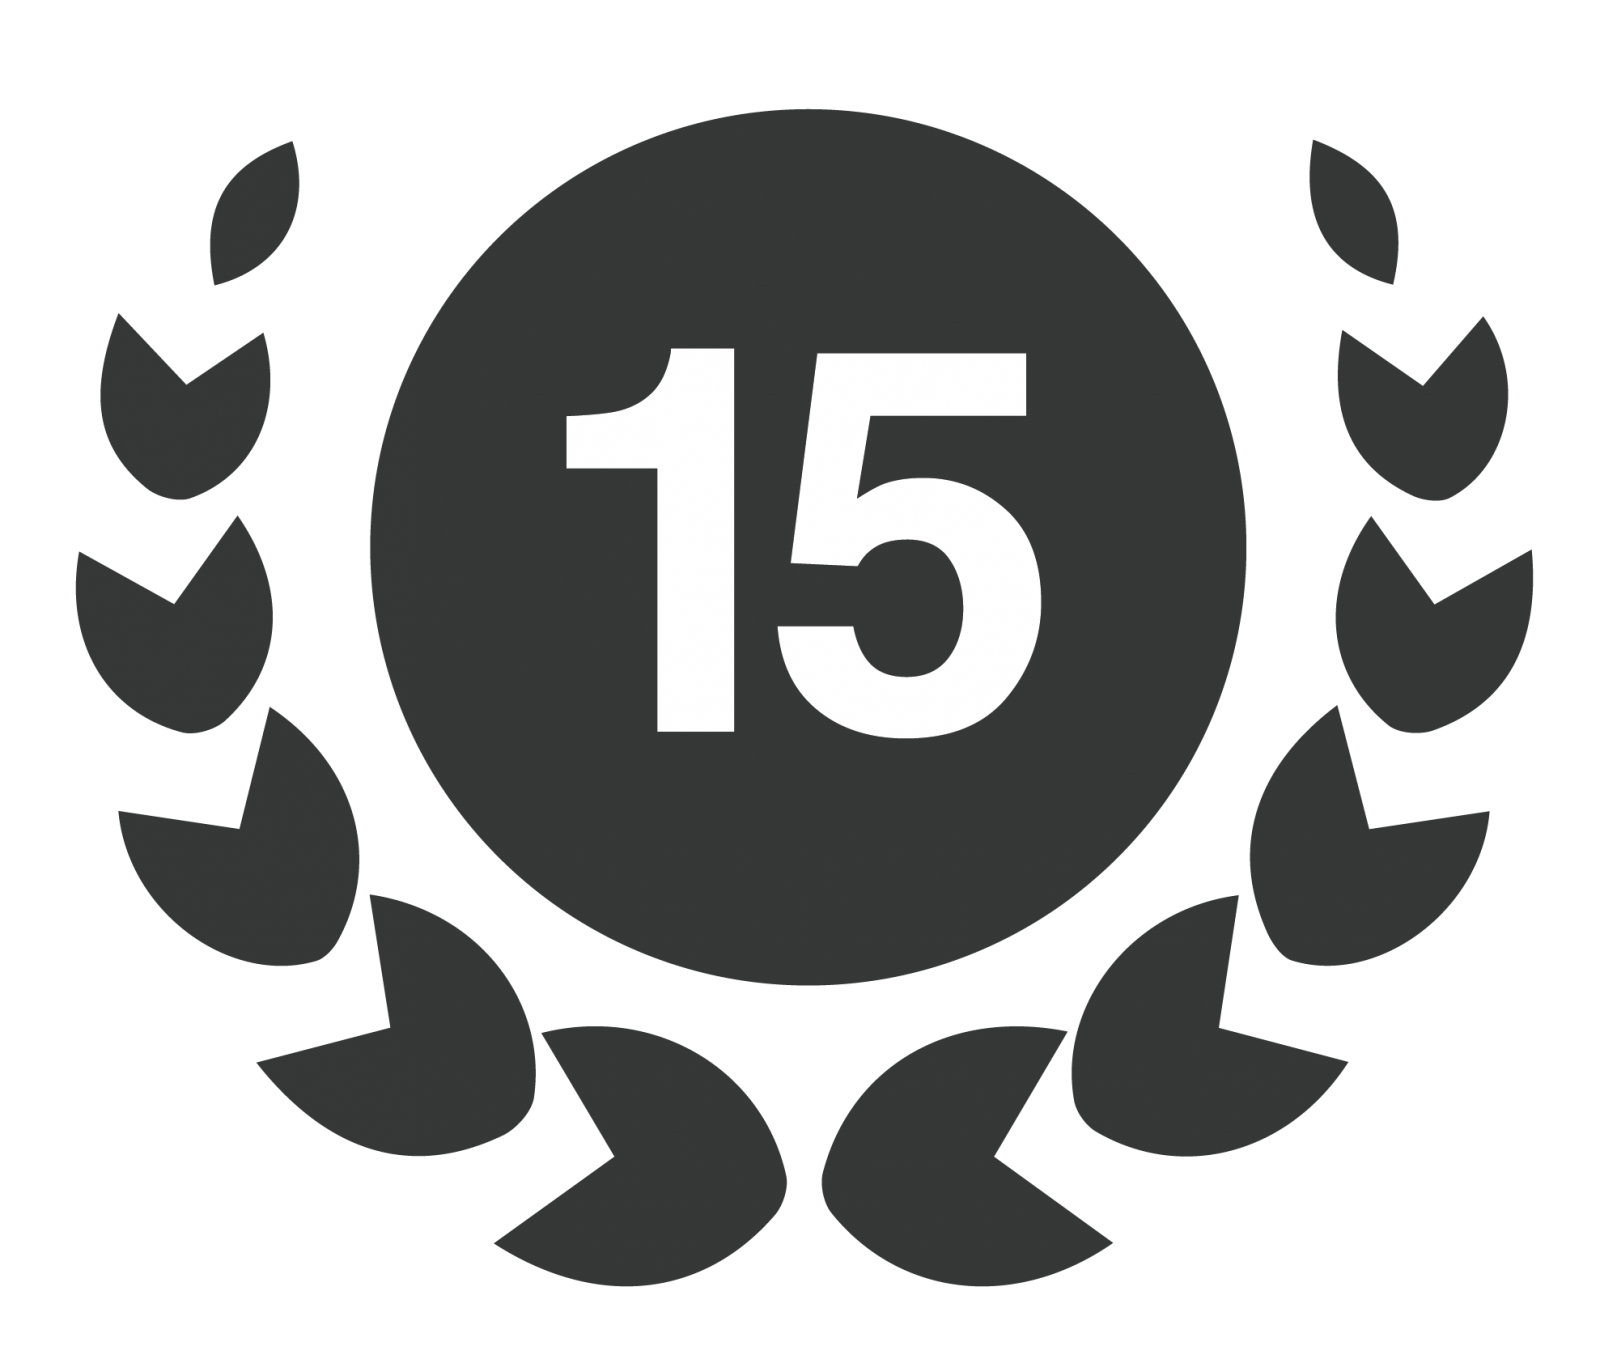 traprenovatie met 15 jaar garantie